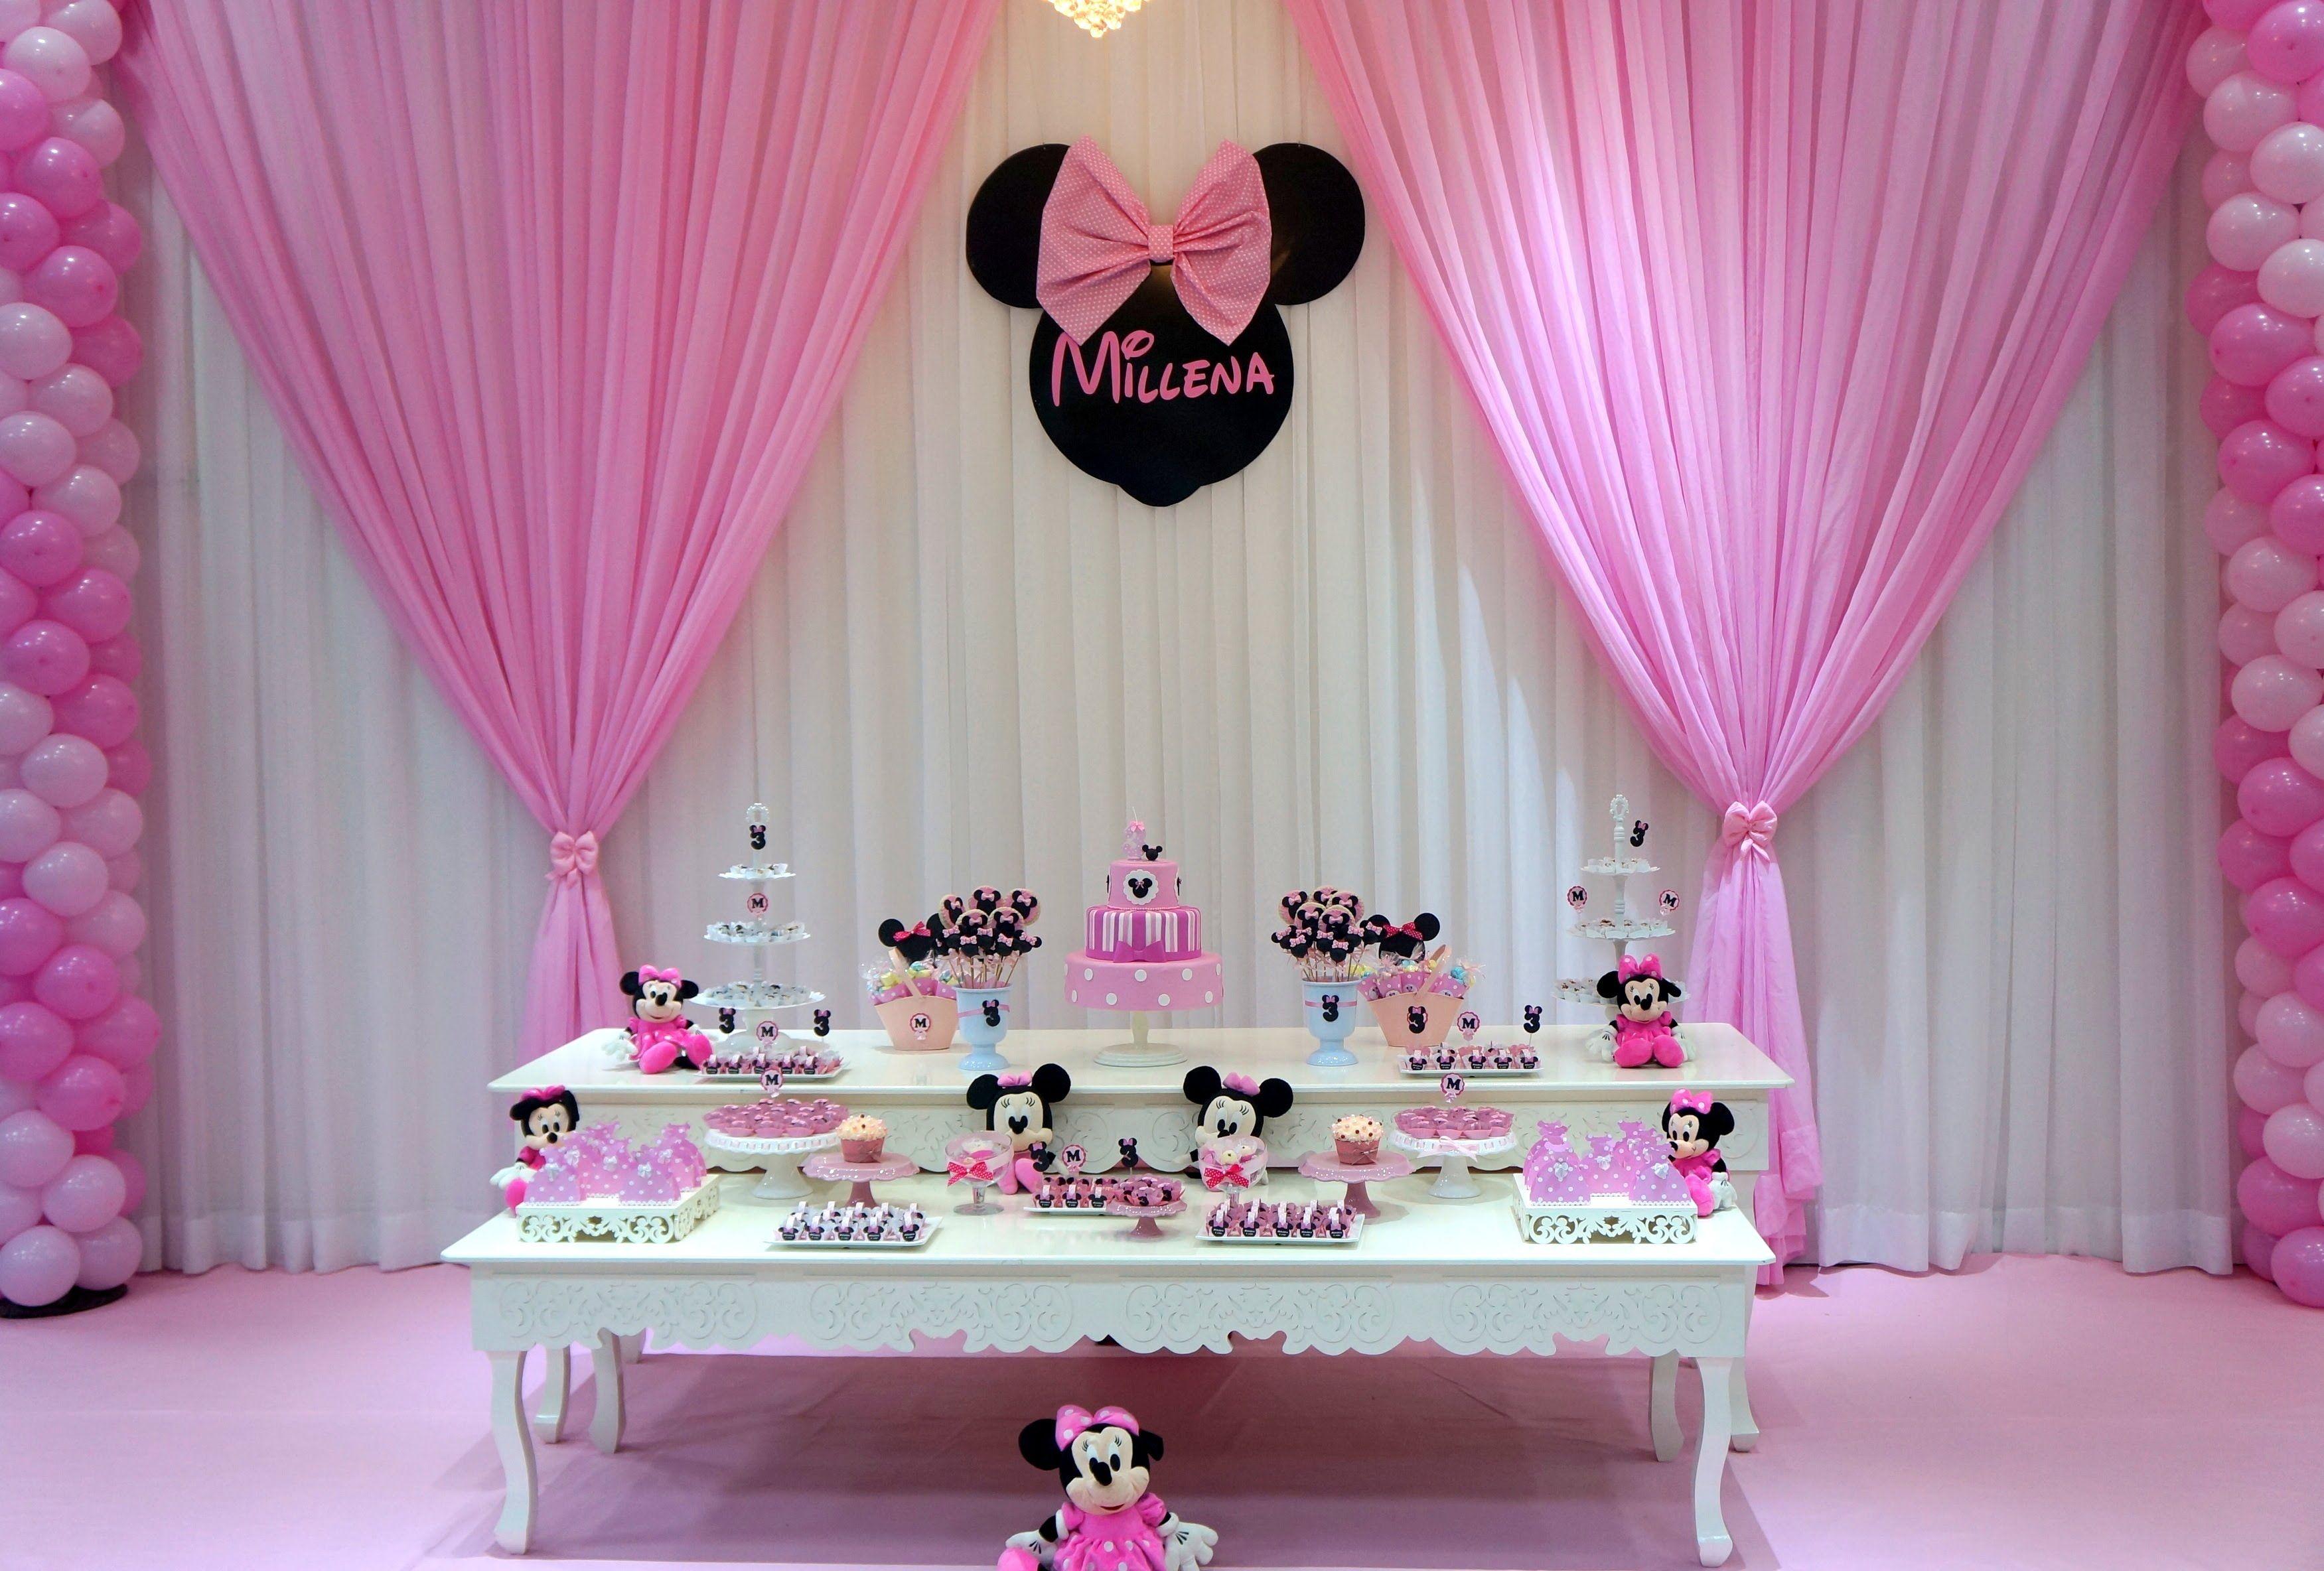 Aniversario Millena Festa Da Minnie Rosa Festa Minnie Rosa